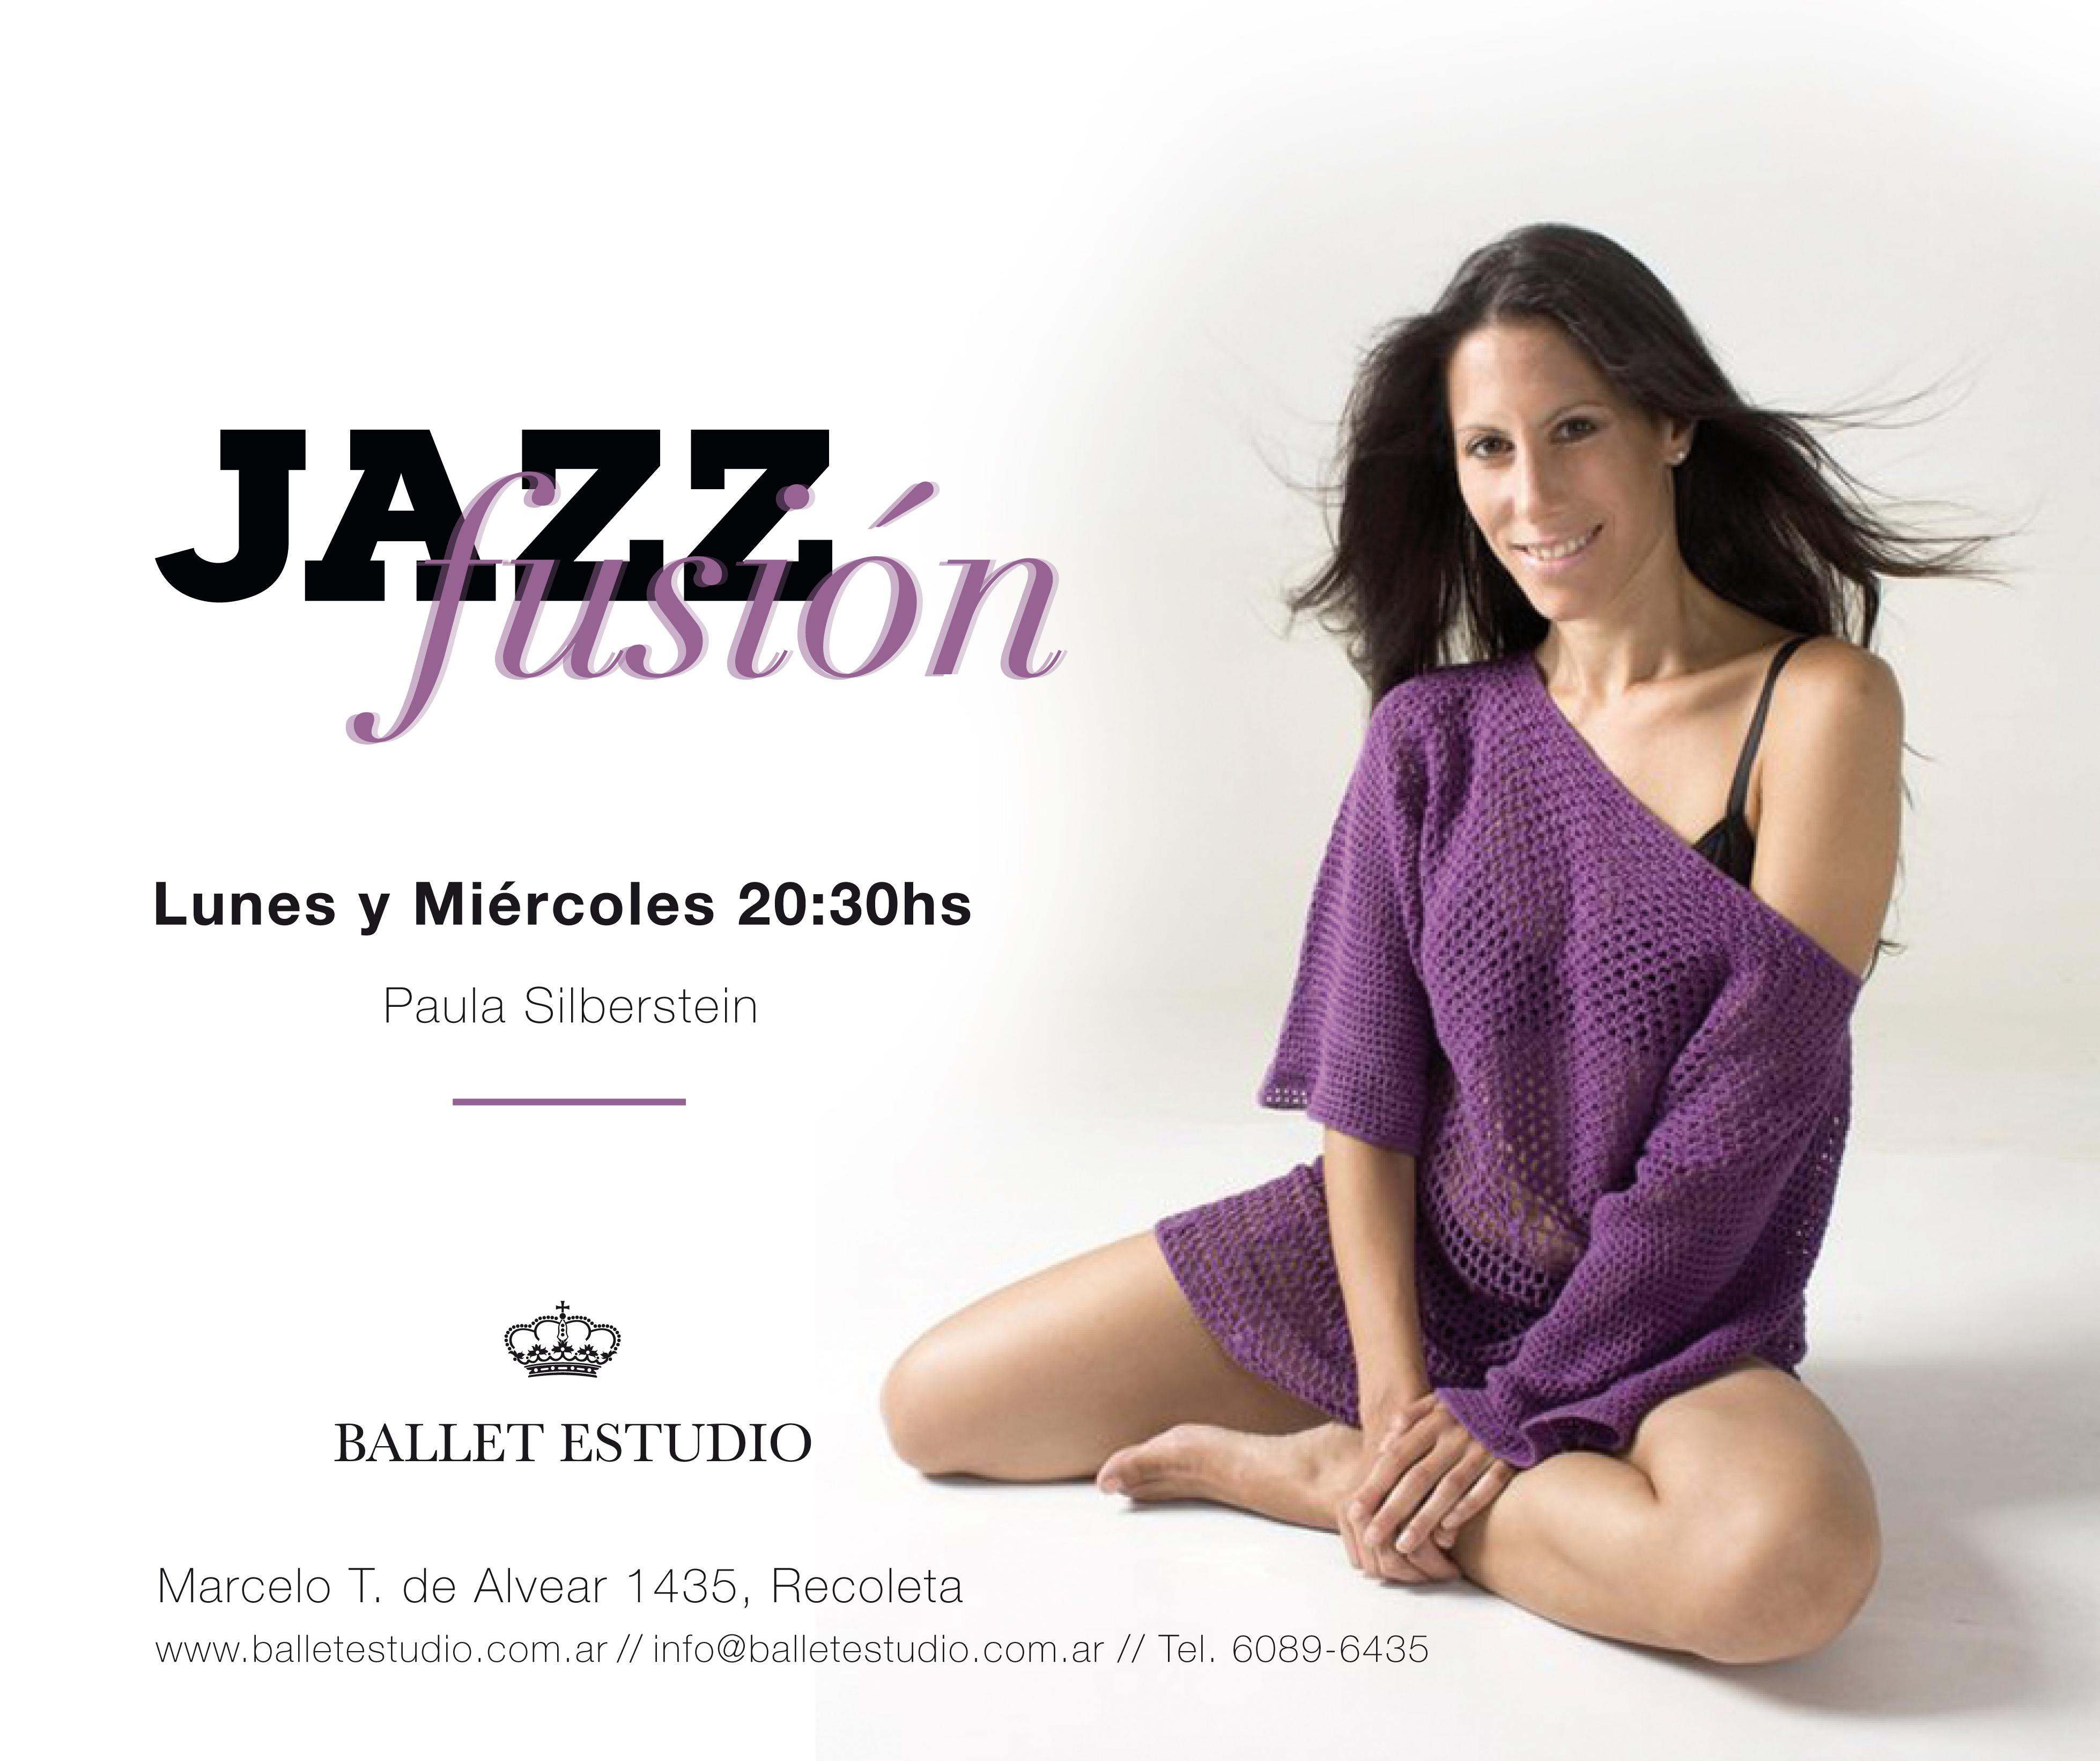 jazz_fusion_PaulaSil.